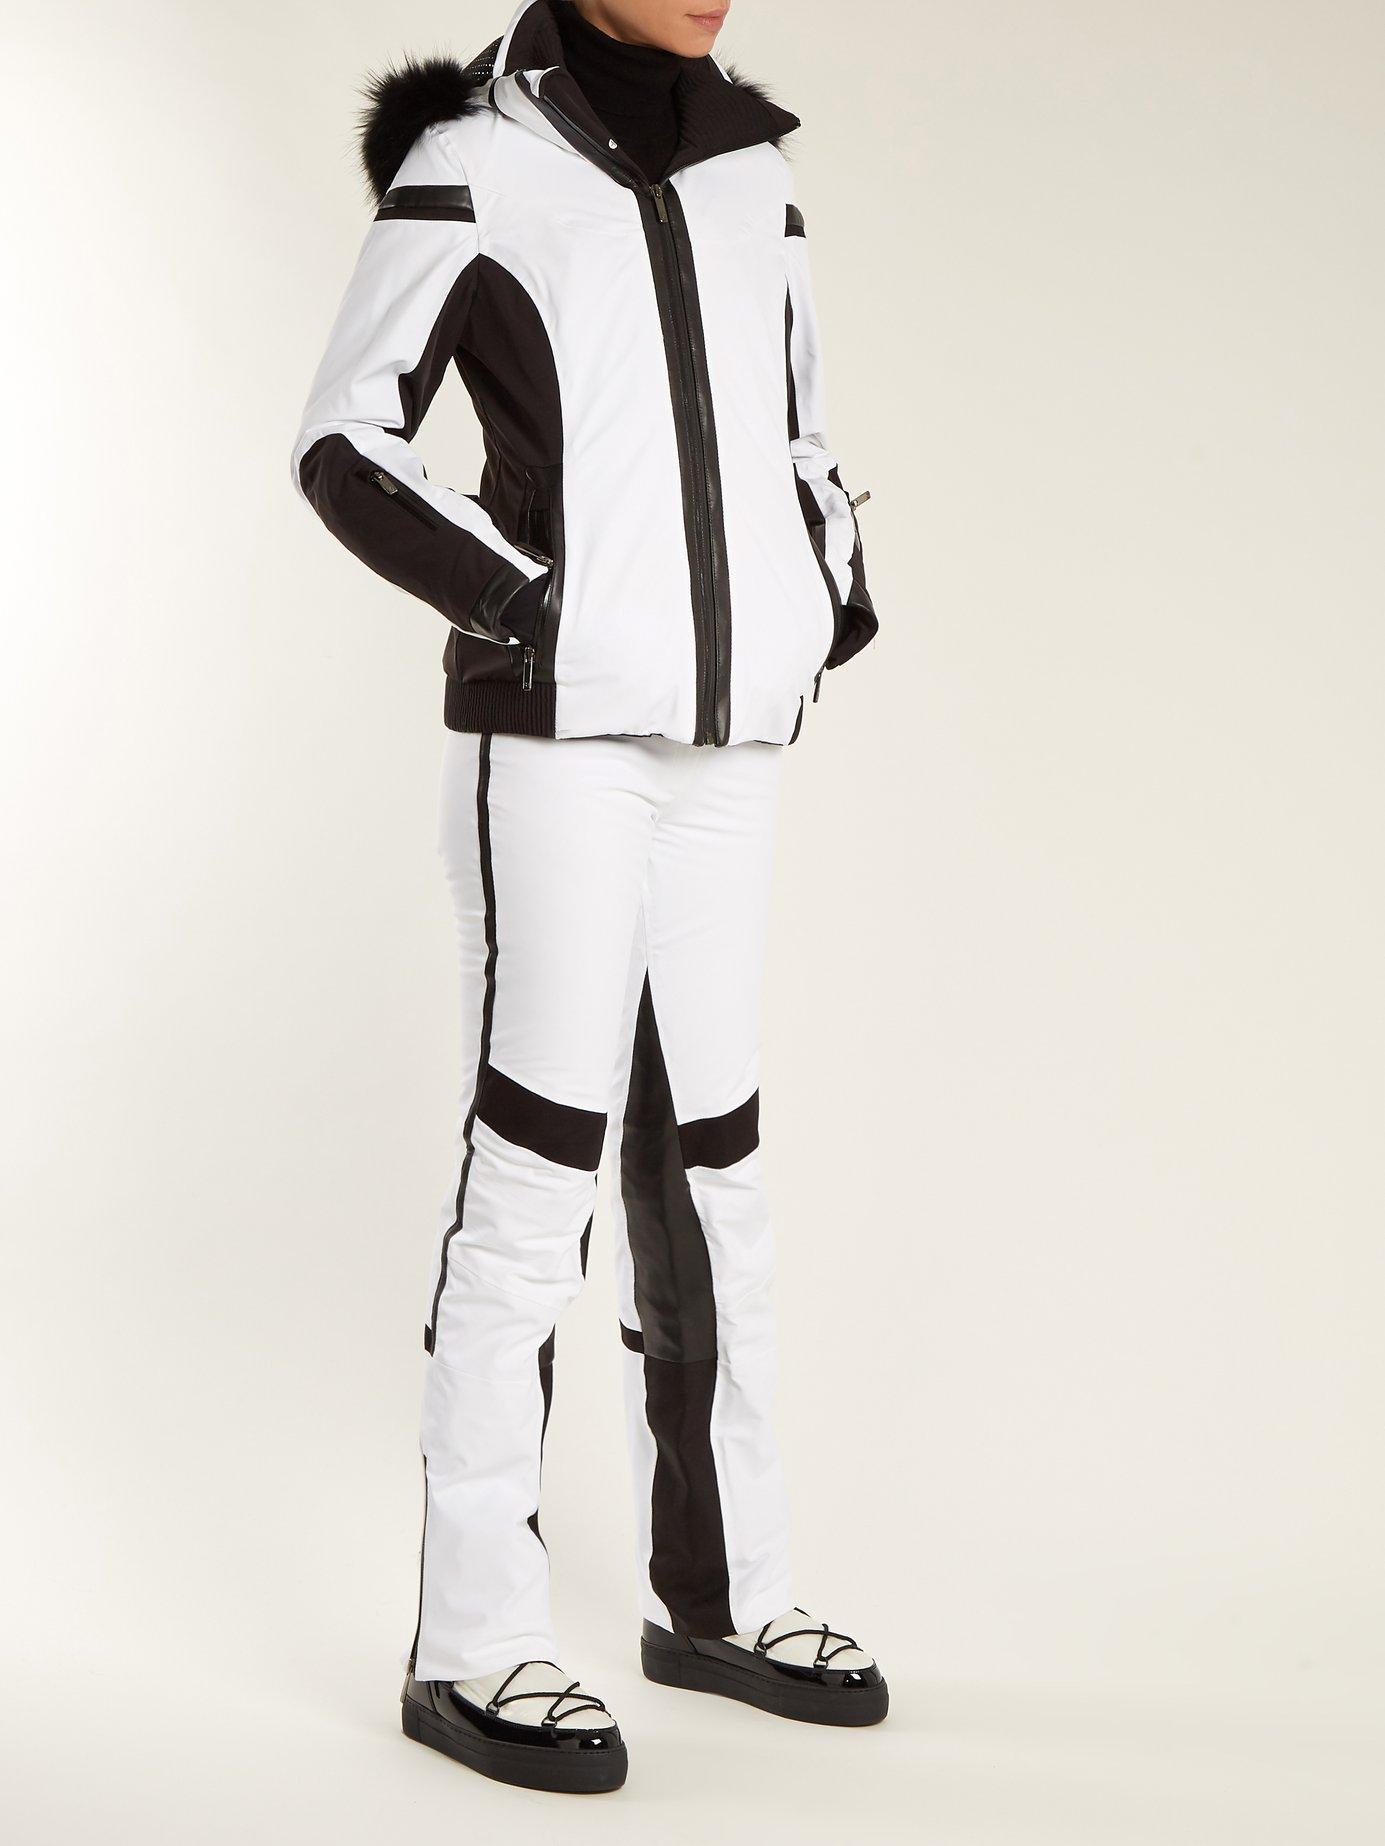 Wave fur-trimmed bi-colour technical ski jacket by Lacroix